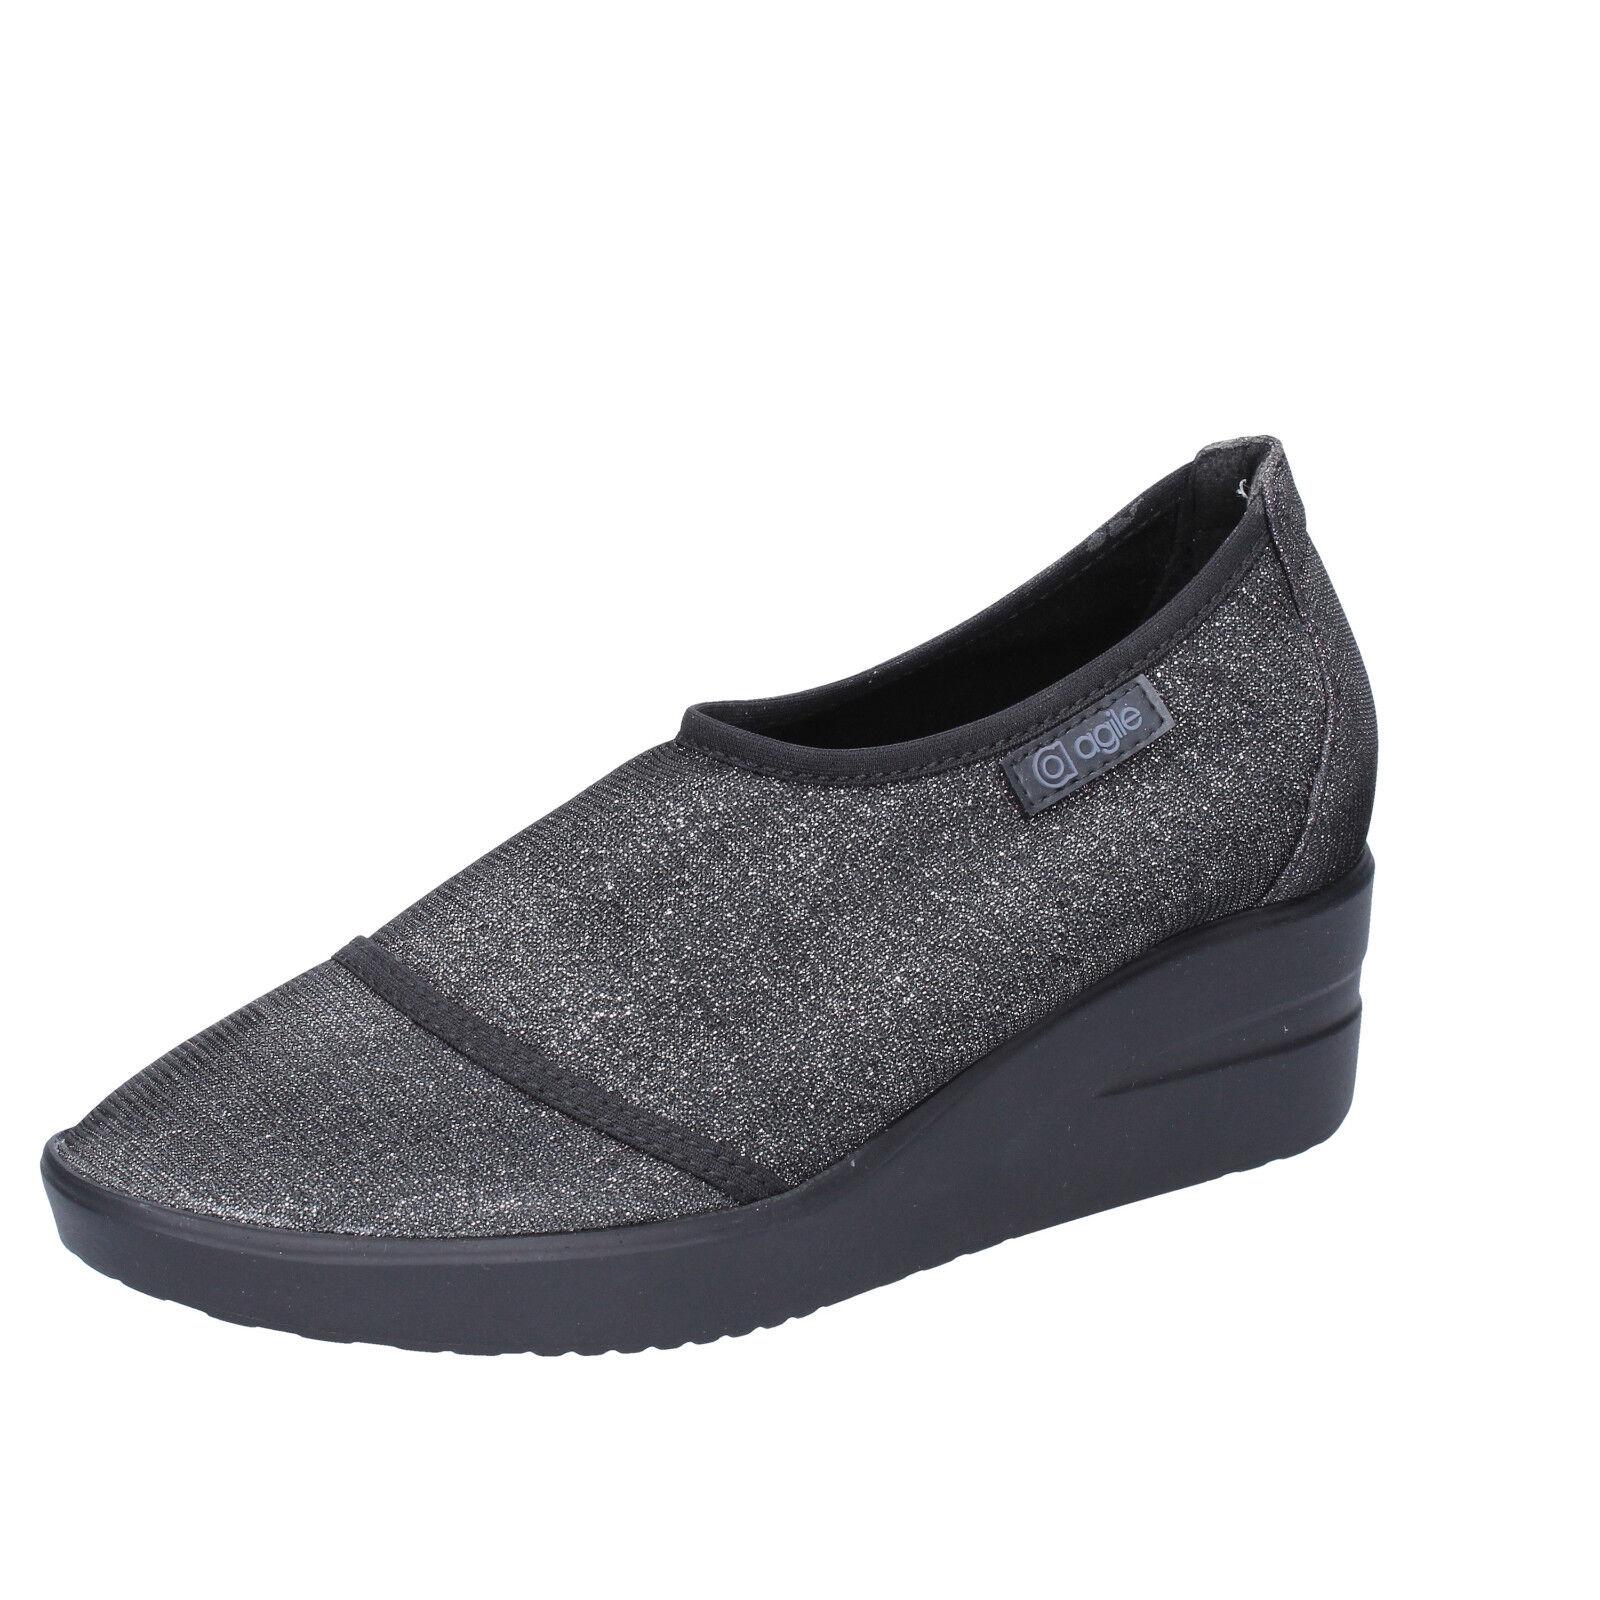 Para mujeres Zapatos ágil por Rucoline 7 () Resbalón En Negro Textil BT429-37